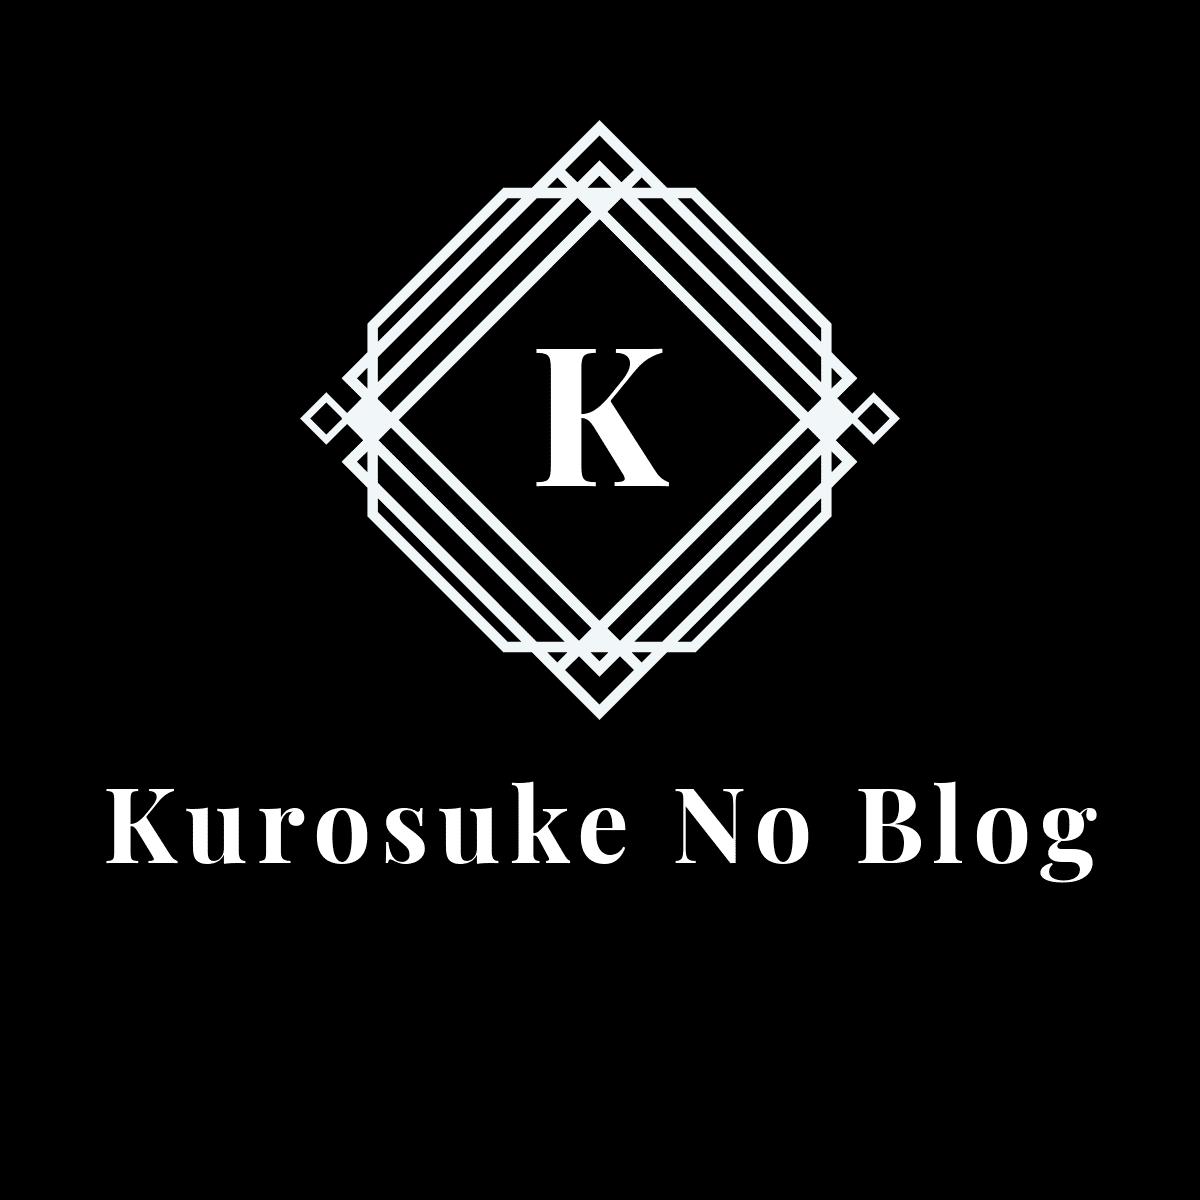 クロスケのブログ